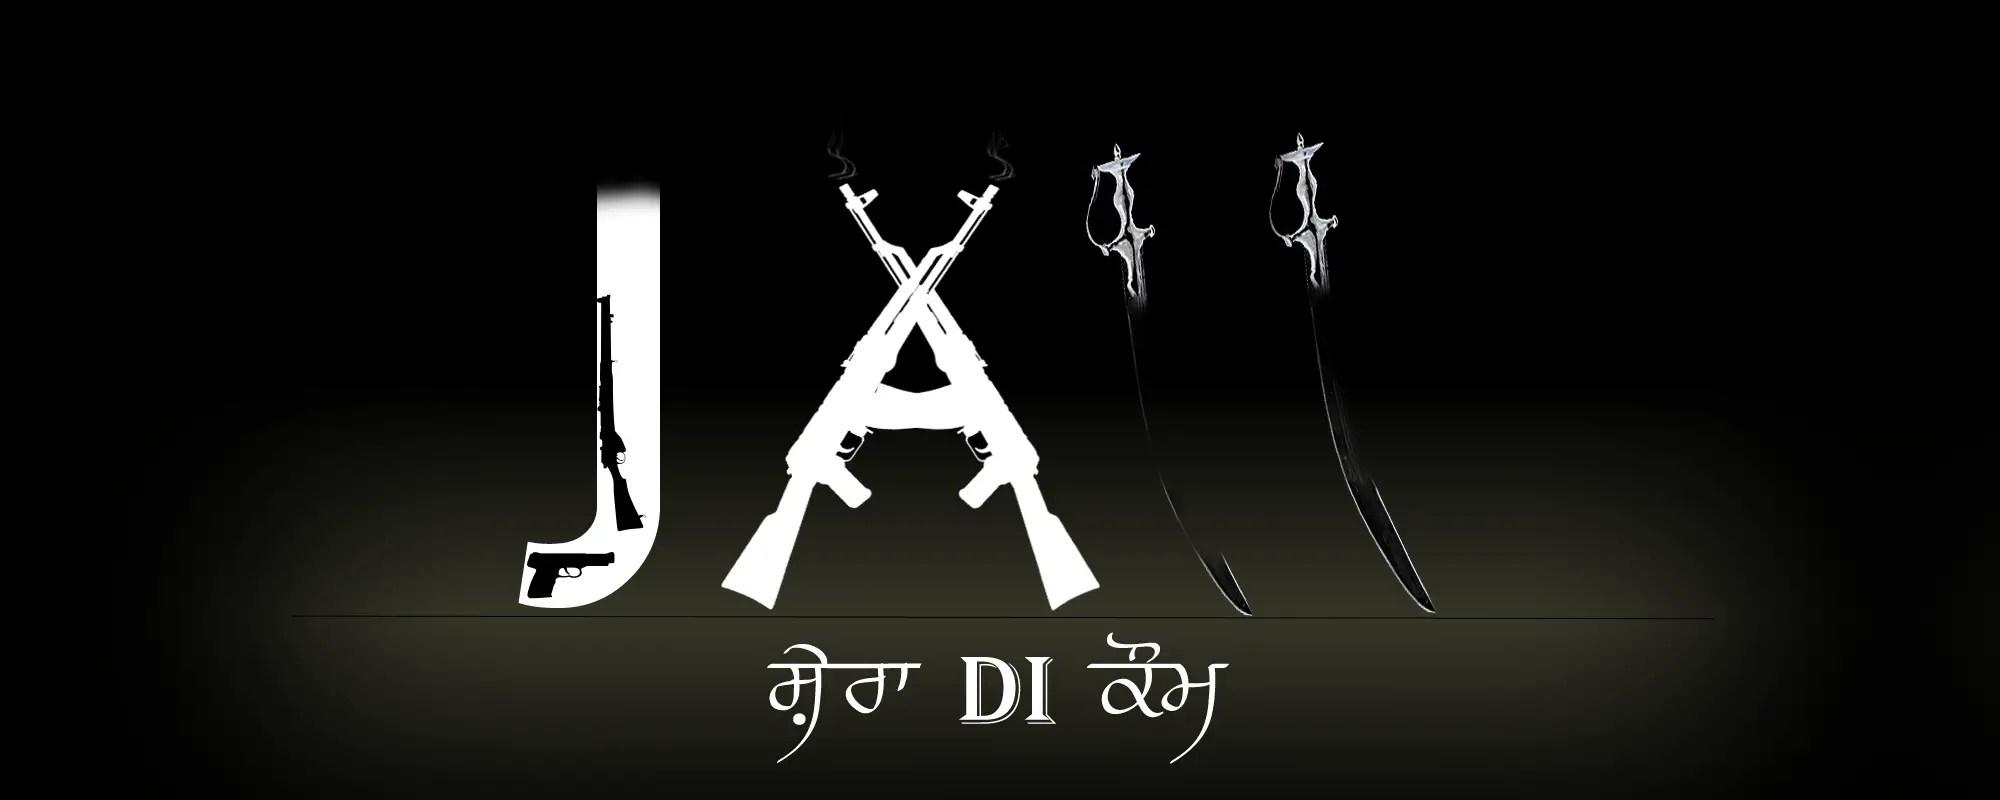 Hindi Quotes Wallpaper Sad Jatt Desicomments Com